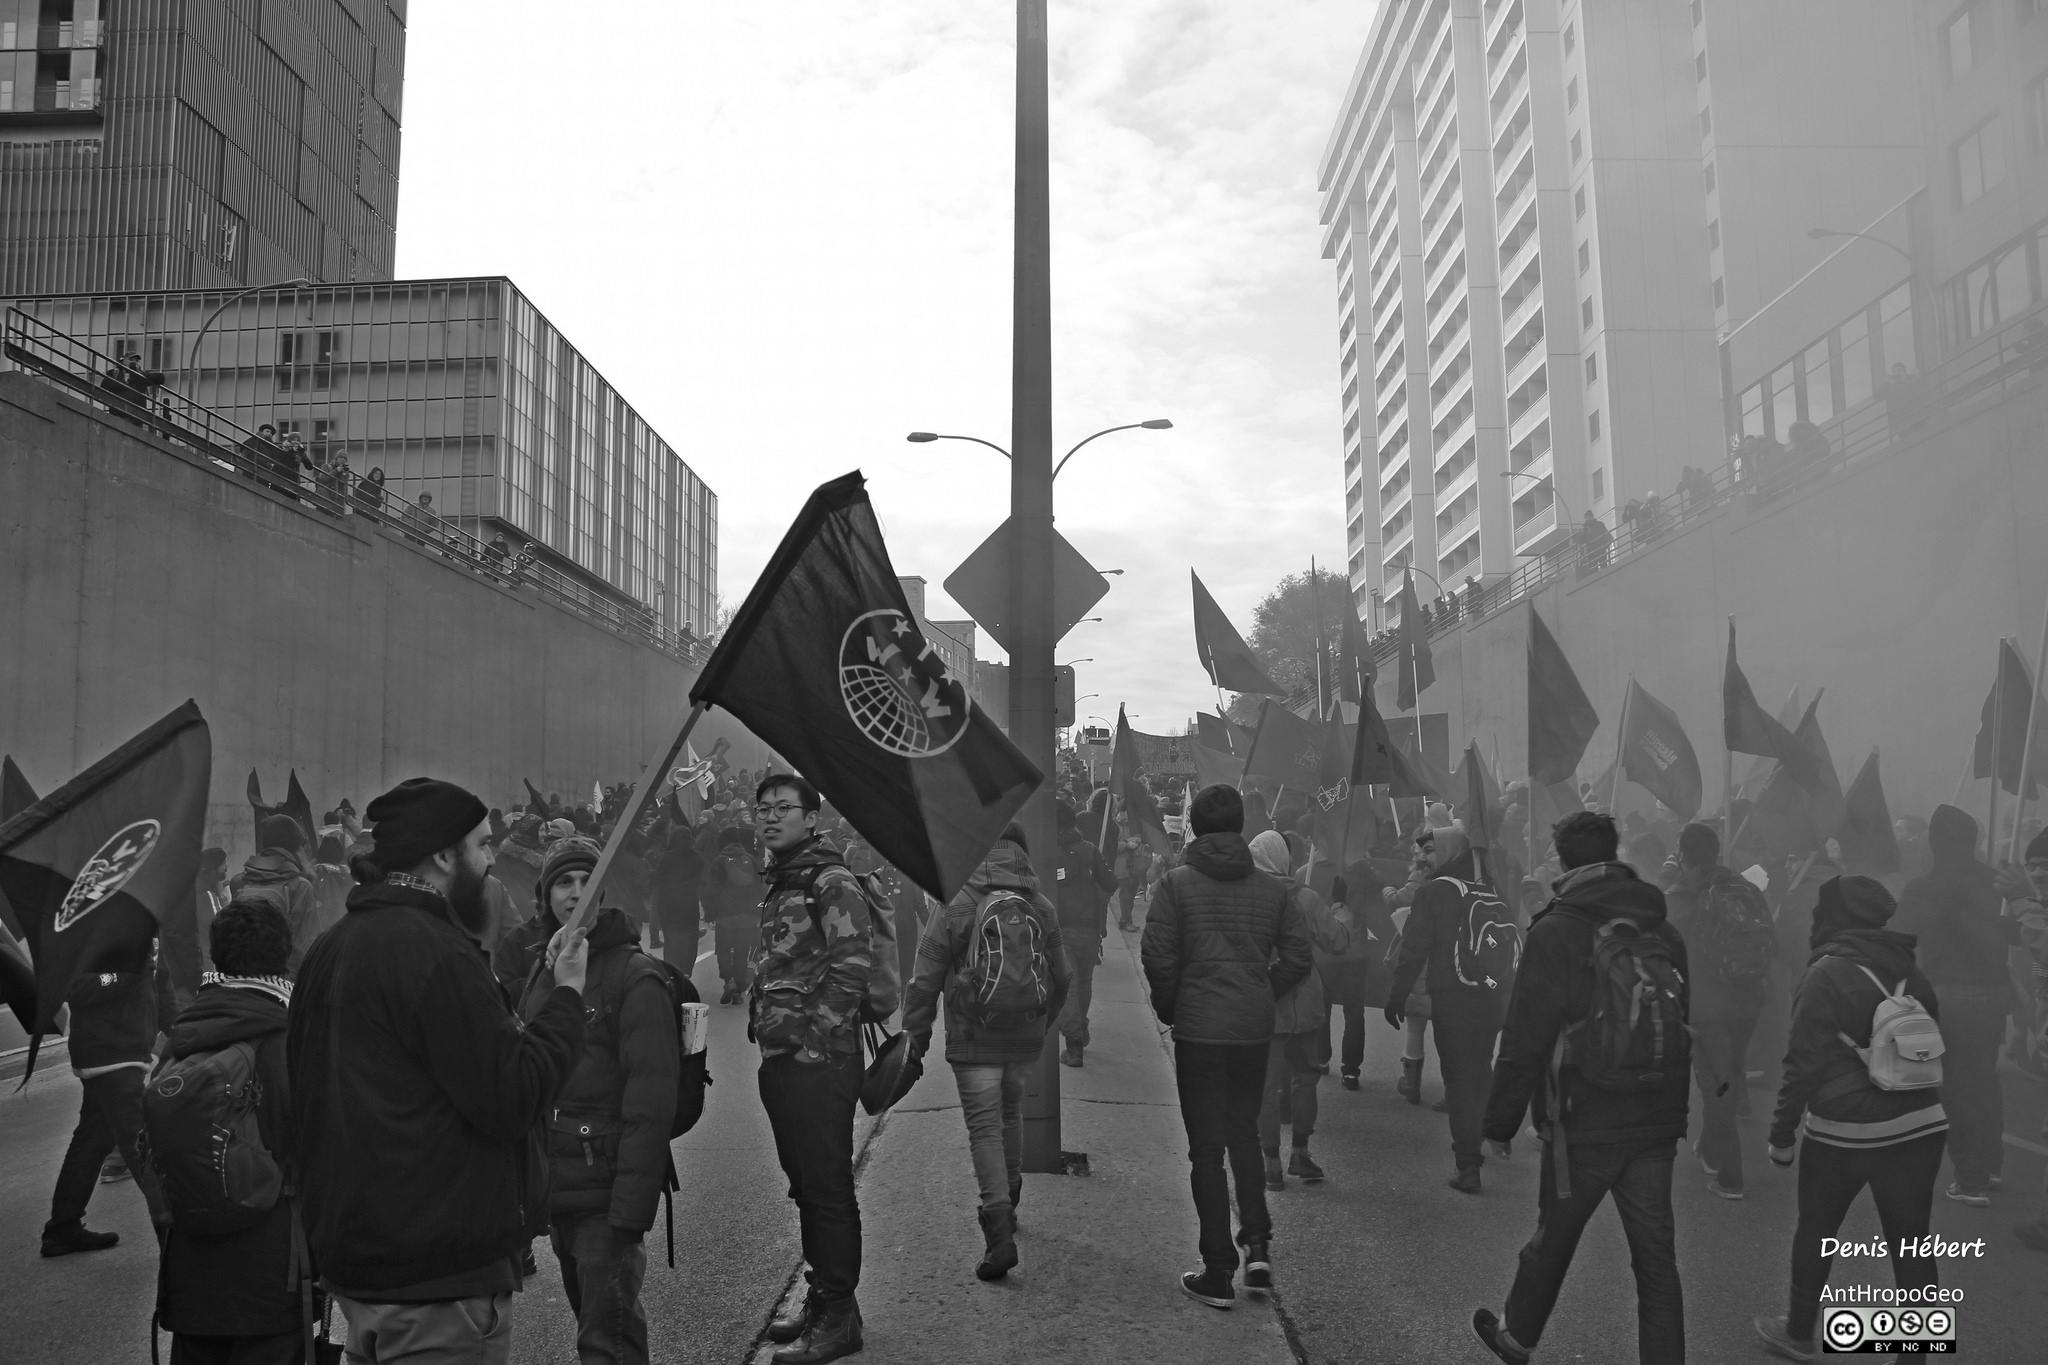 Organizing Versus Activism